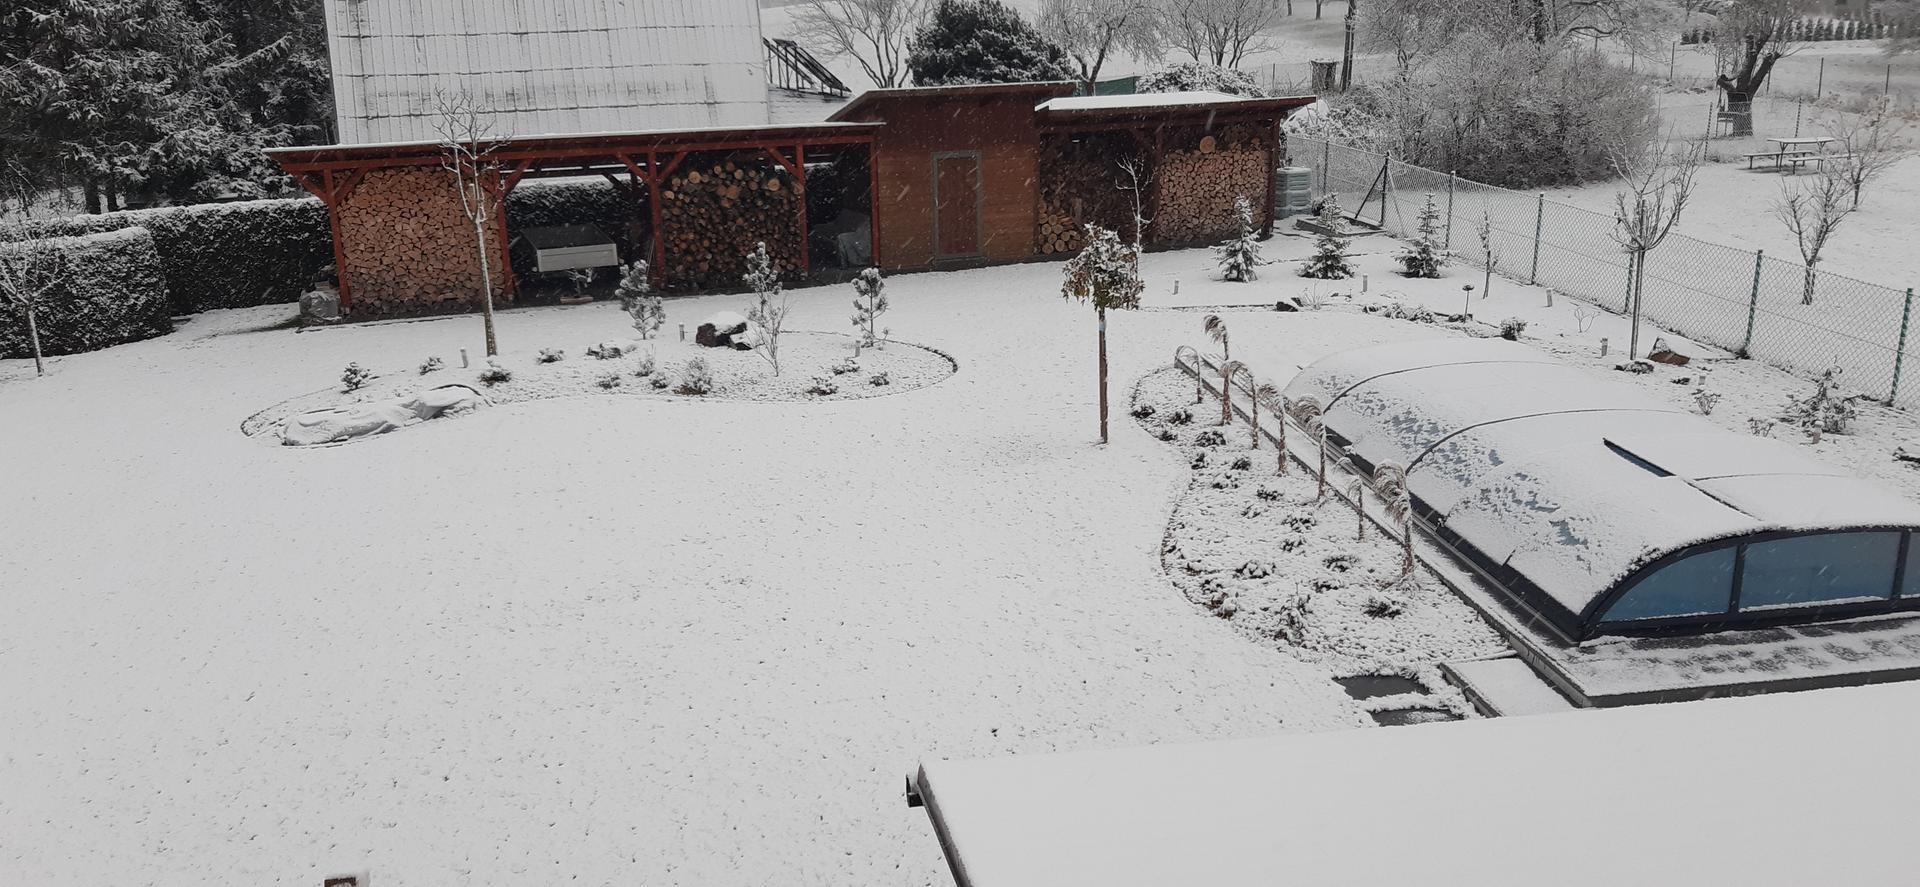 Zahrada 2020 - První sníh 29.11.2020